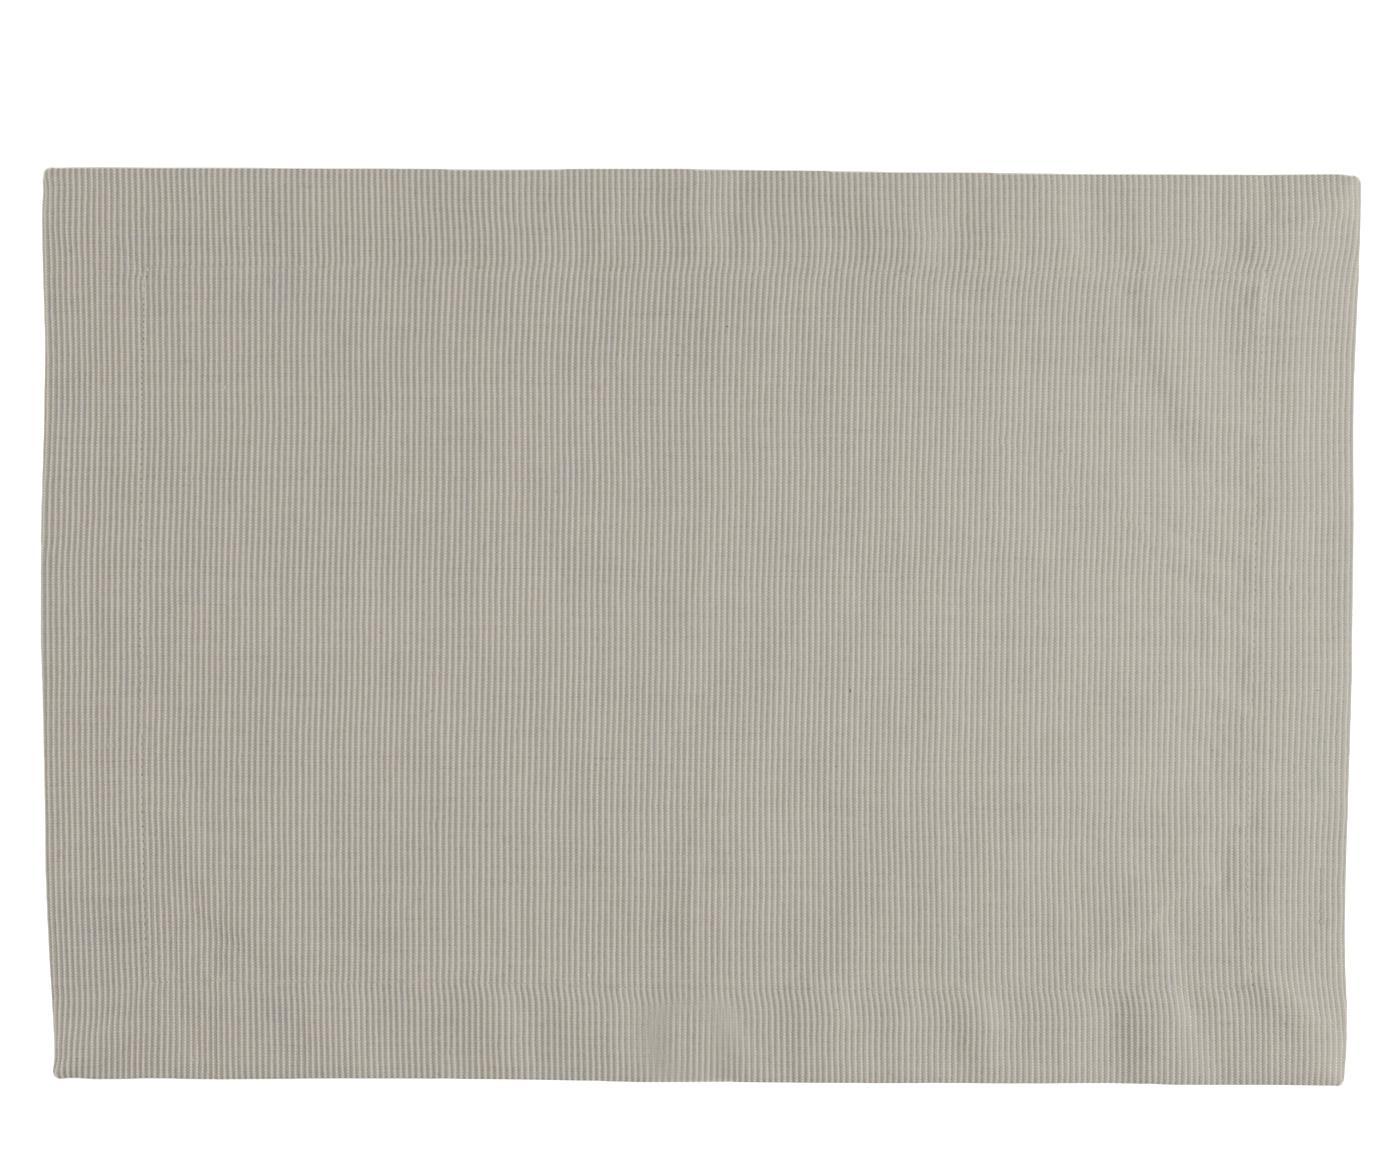 Podkładka Bombay, 6 szt., Bawełna, Szarozielony, S 35 x D 50 cm